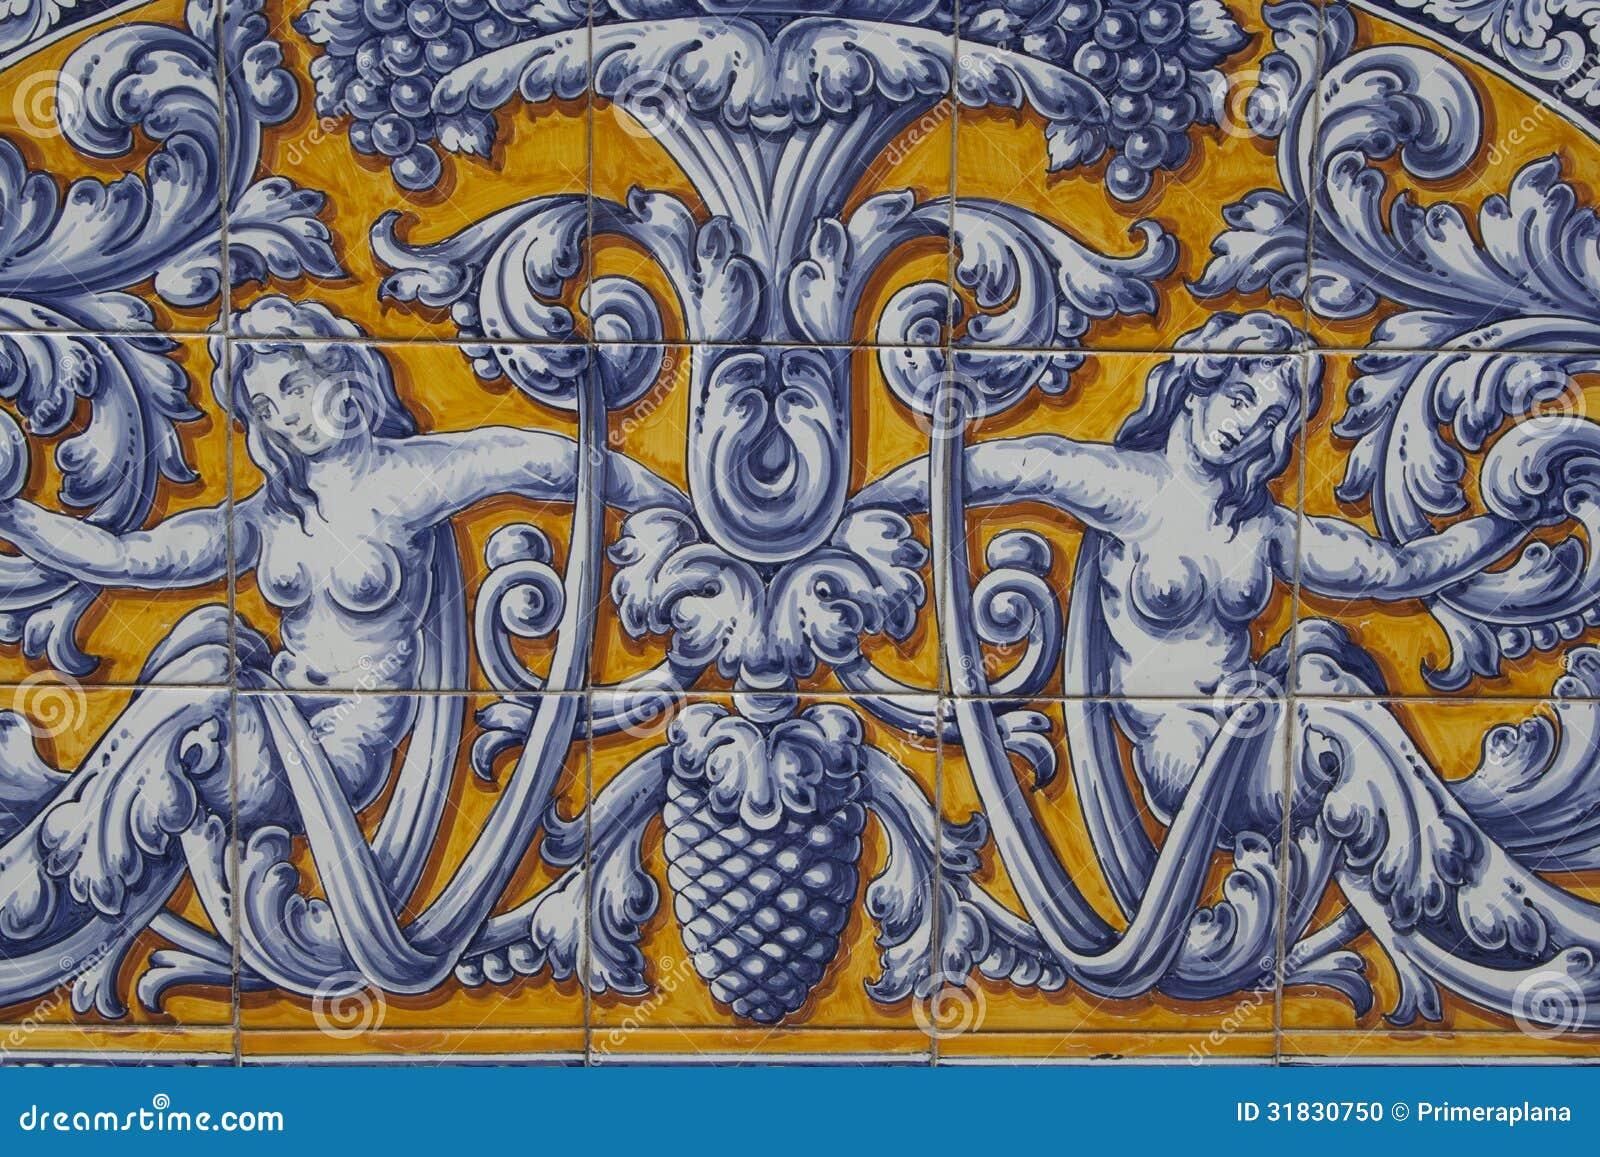 mattonelle ceramica da dipingere: ceramiche de simone. ceramica ... - Pittura Su Piastrelle Di Ceramica